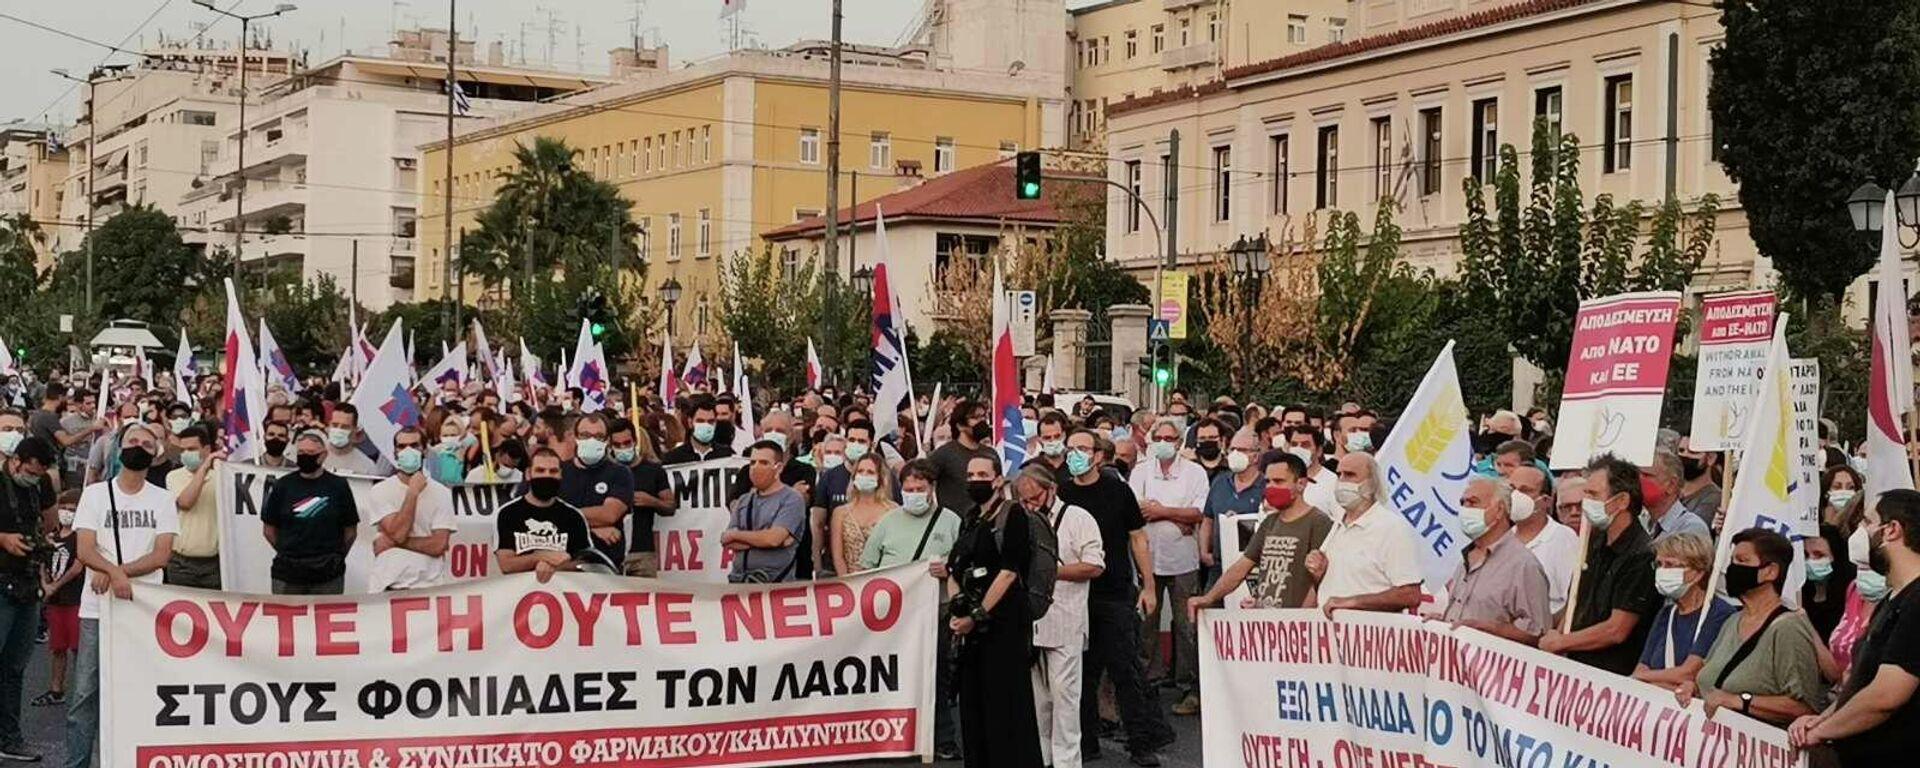 Συλλαλητήριο κατά της EUMED έξω από την πρεσβεία των ΗΠΑ - Sputnik Ελλάδα, 1920, 17.09.2021